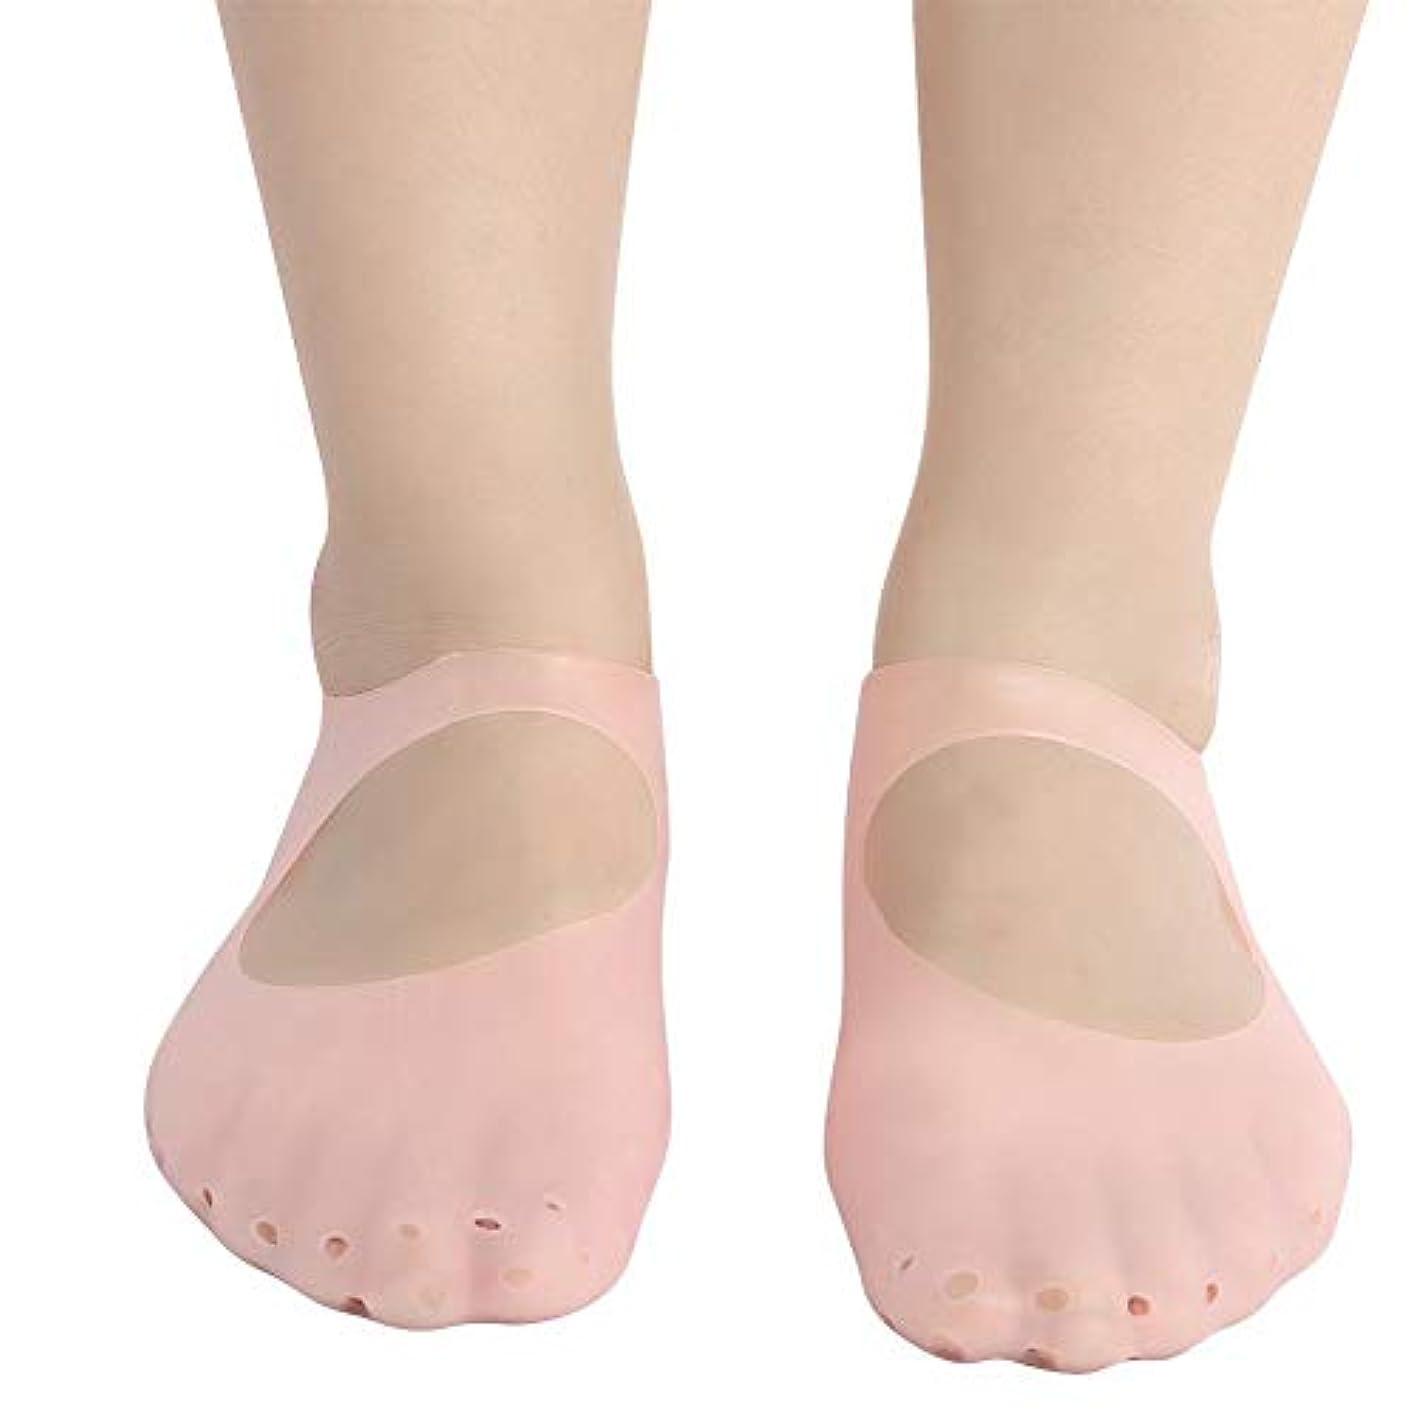 コードレス前任者合金シリコンソックス ひび割れの足からの保護 足の保護靴下 (M-ピンク)